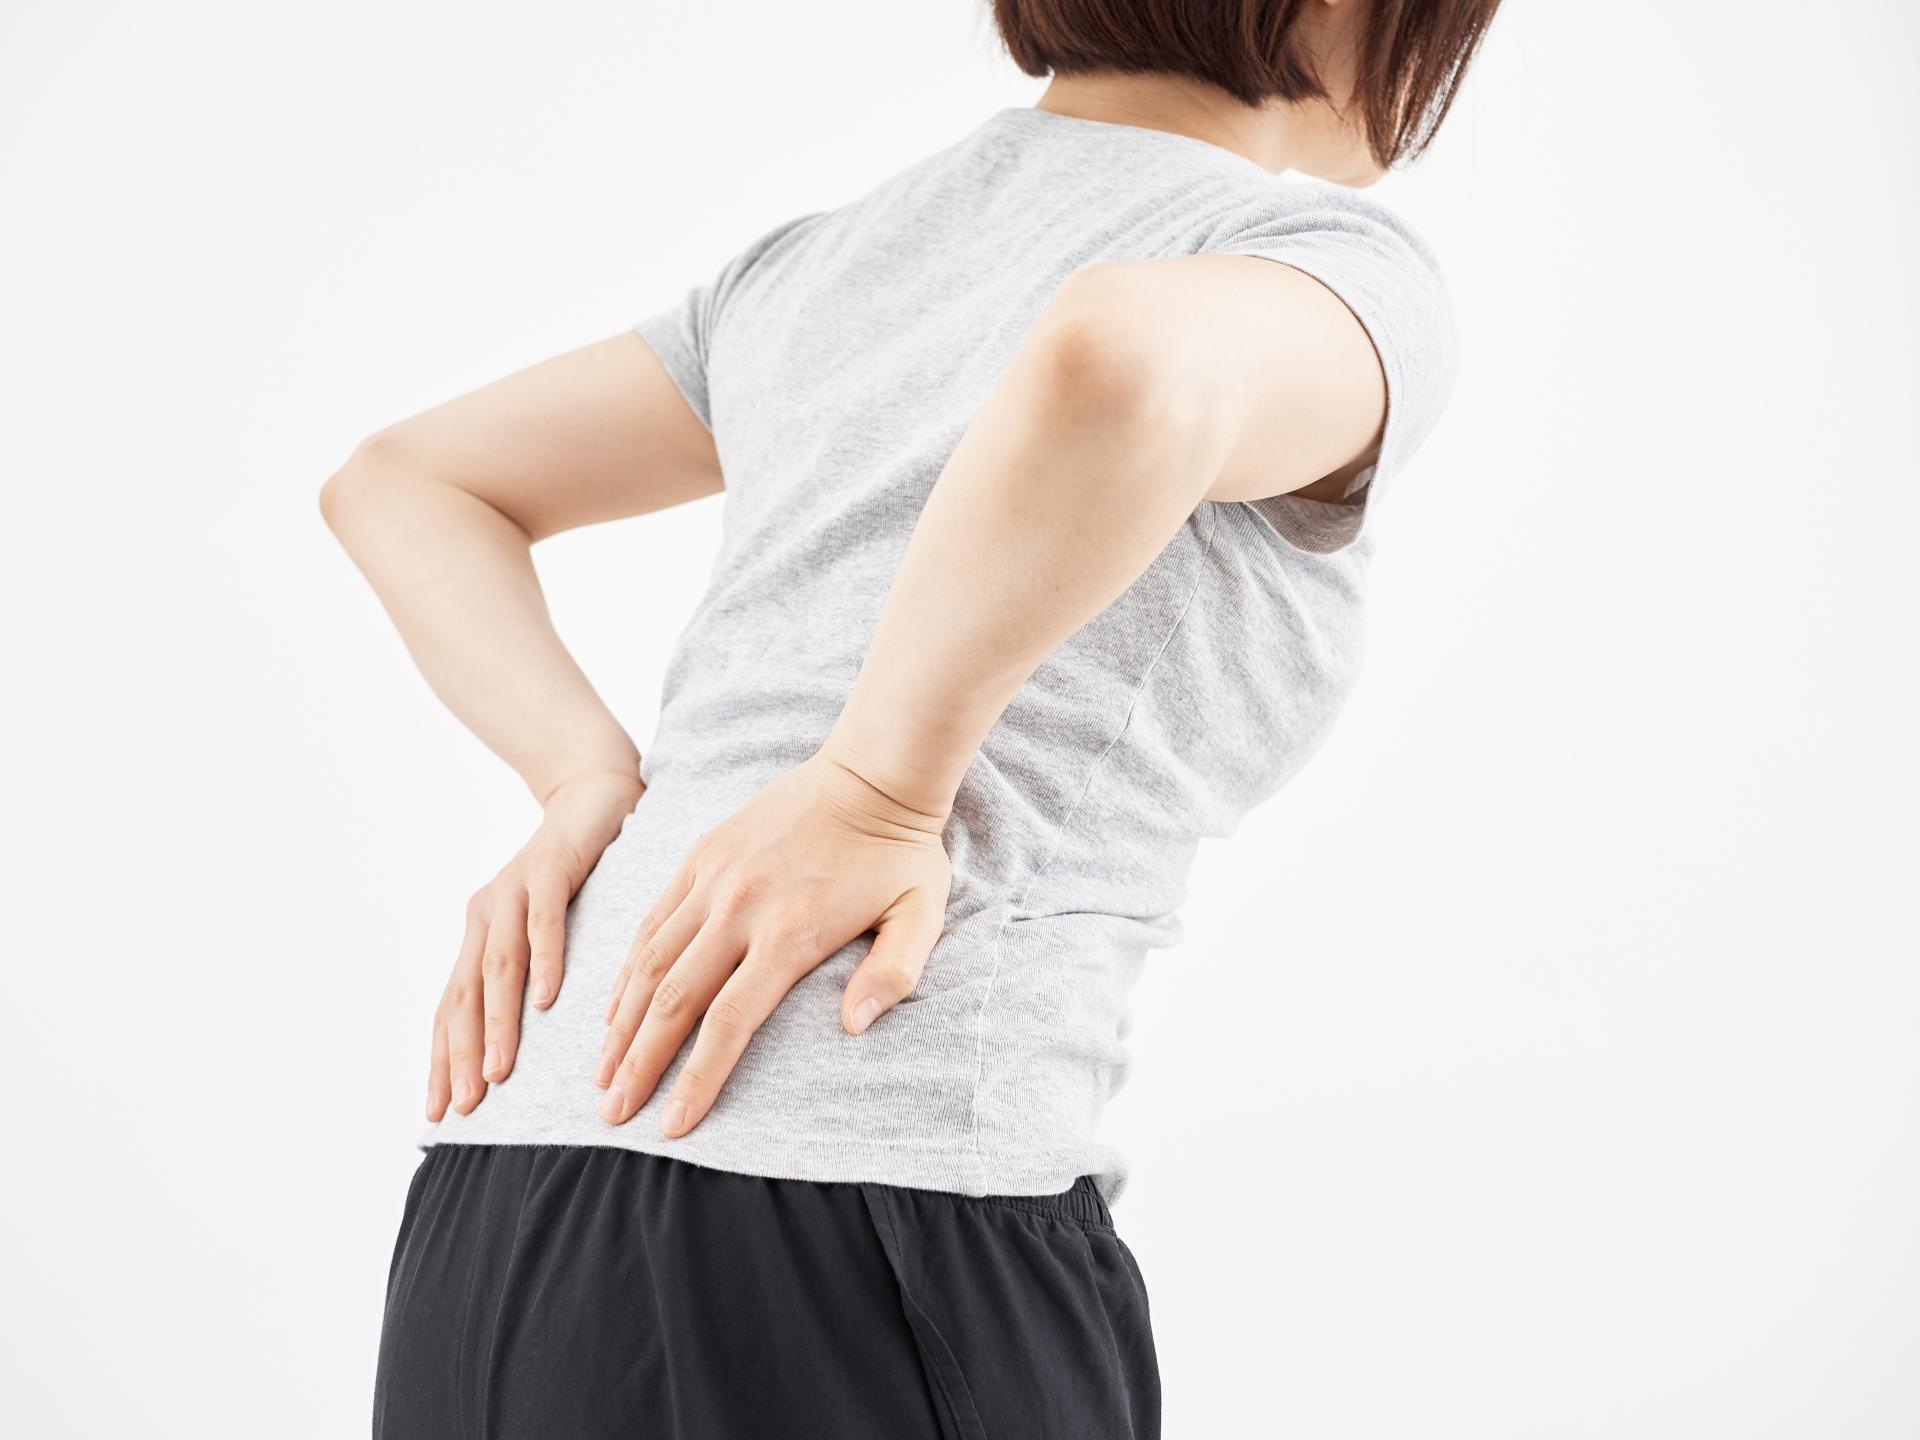 腰椎椎間板ヘルニアについて